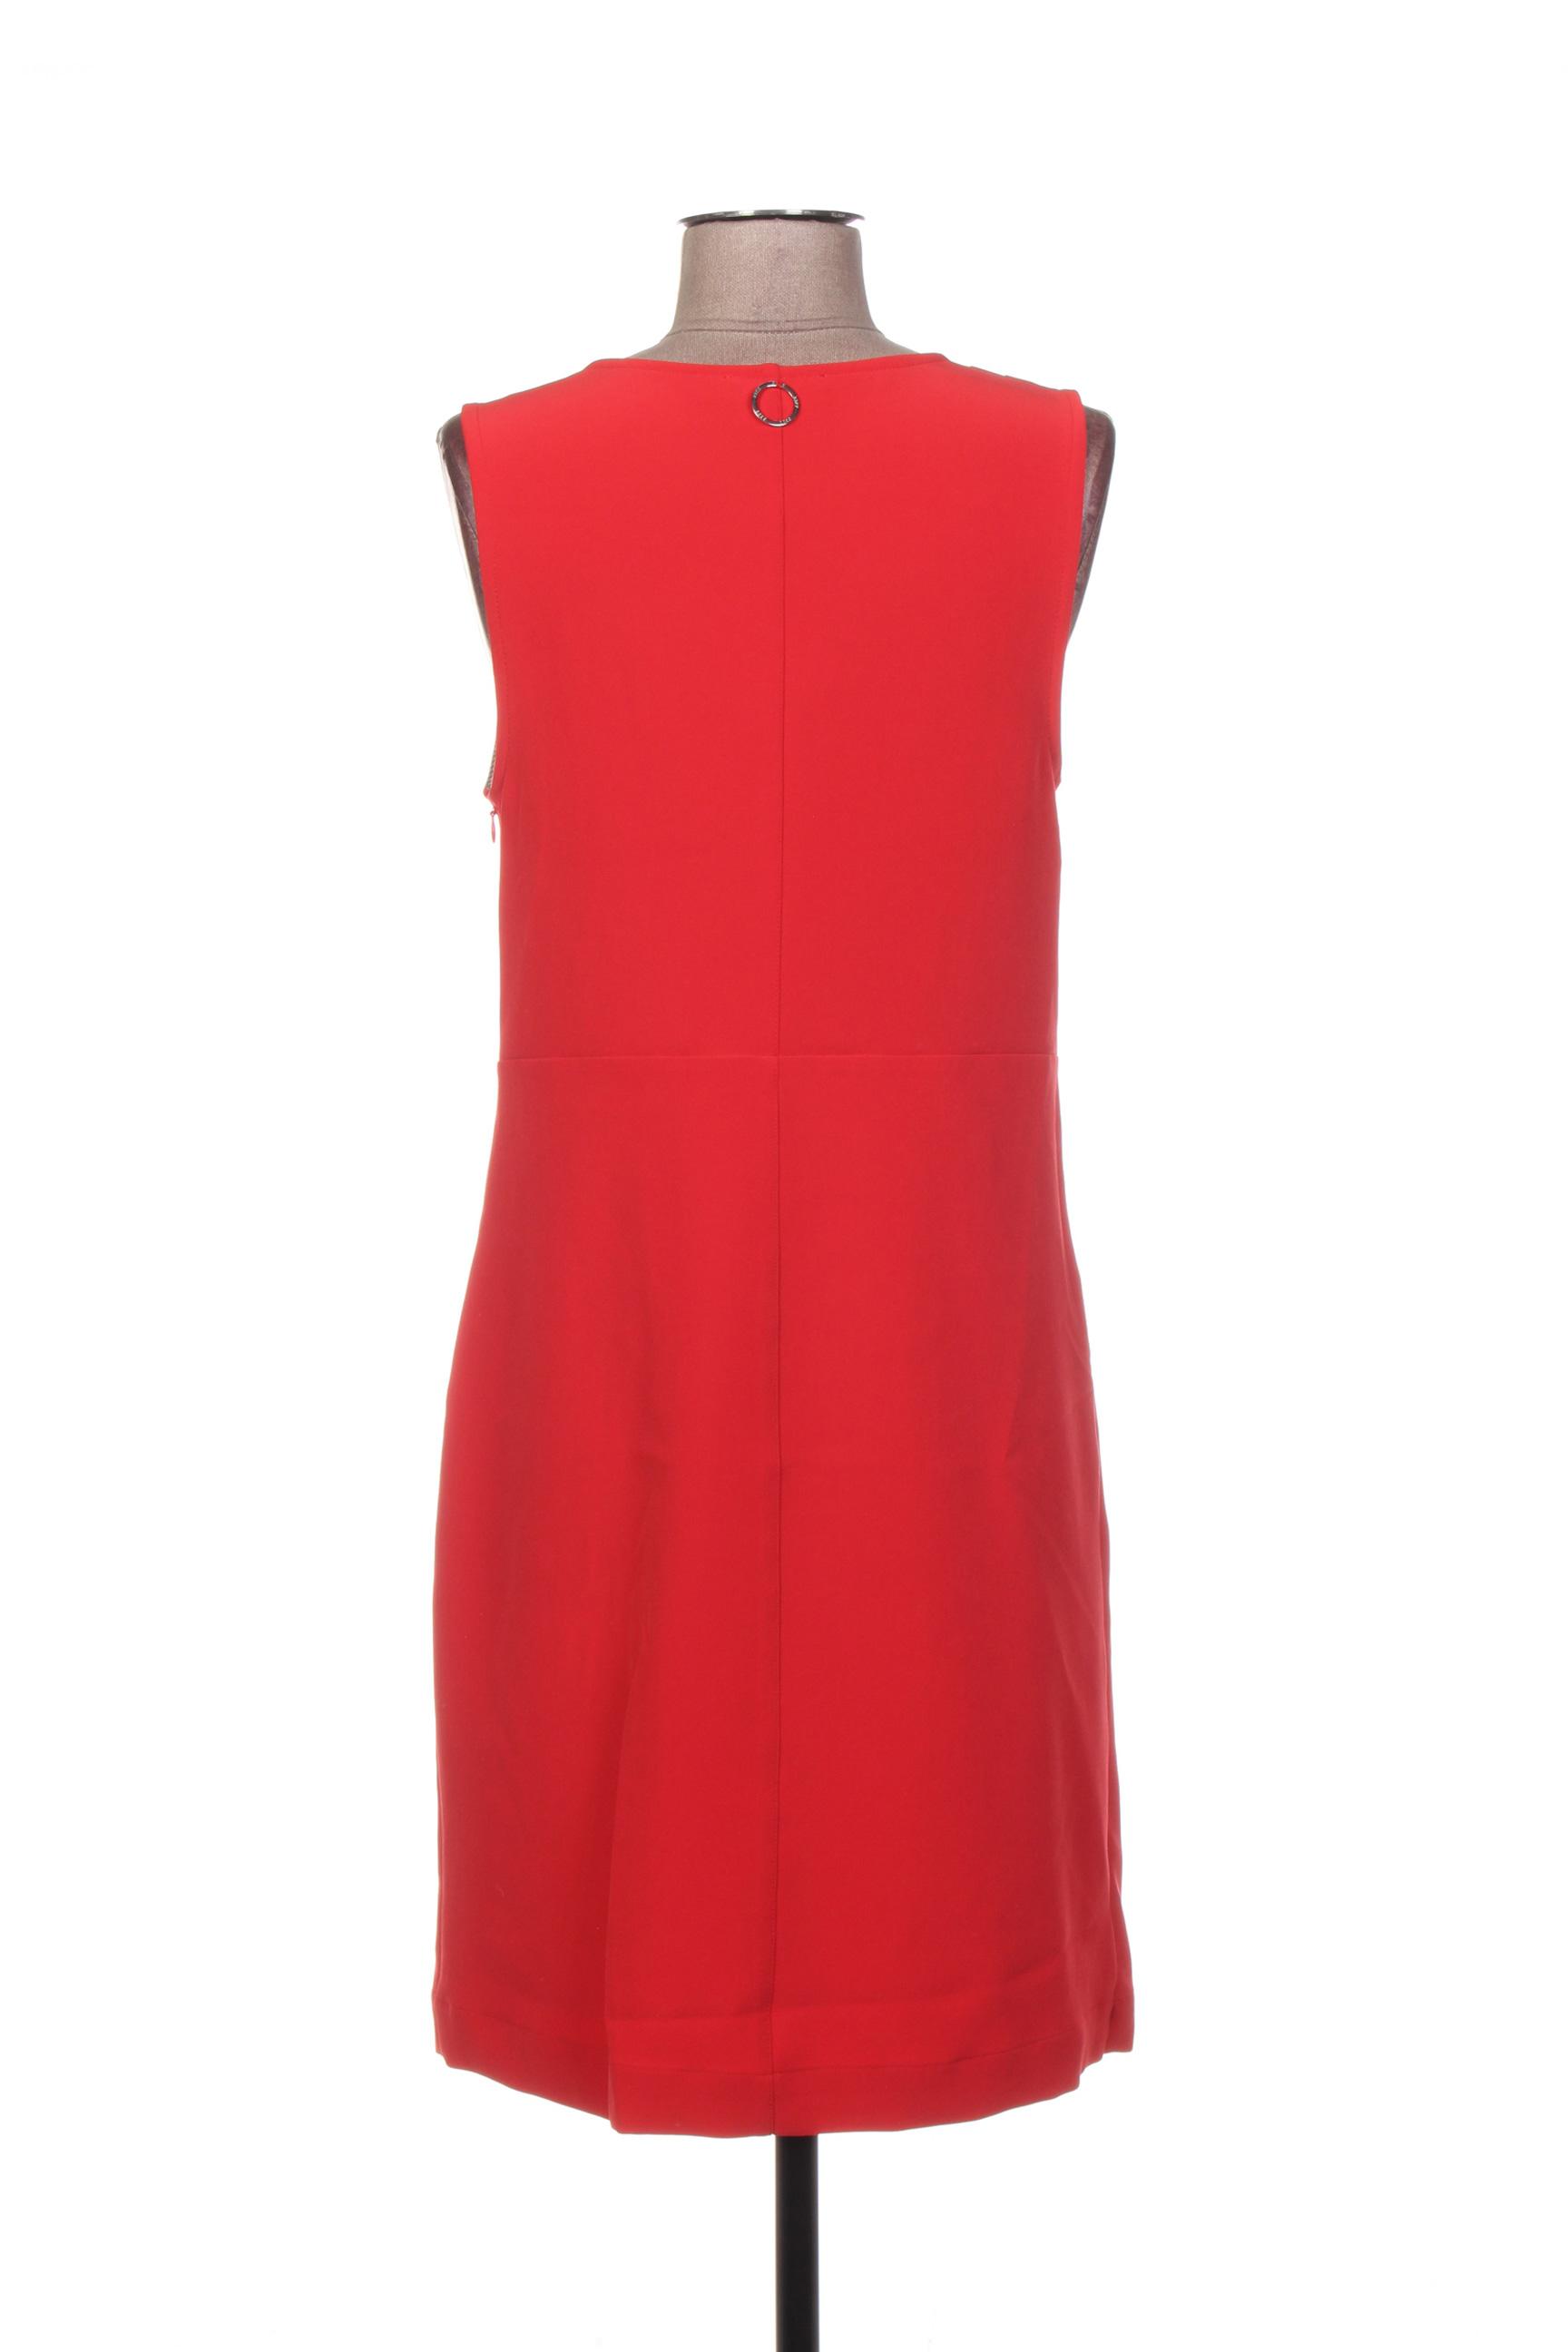 3322 Robes Courtes Femme De Couleur Rouge En Soldes Pas Cher 1373014-rouge0